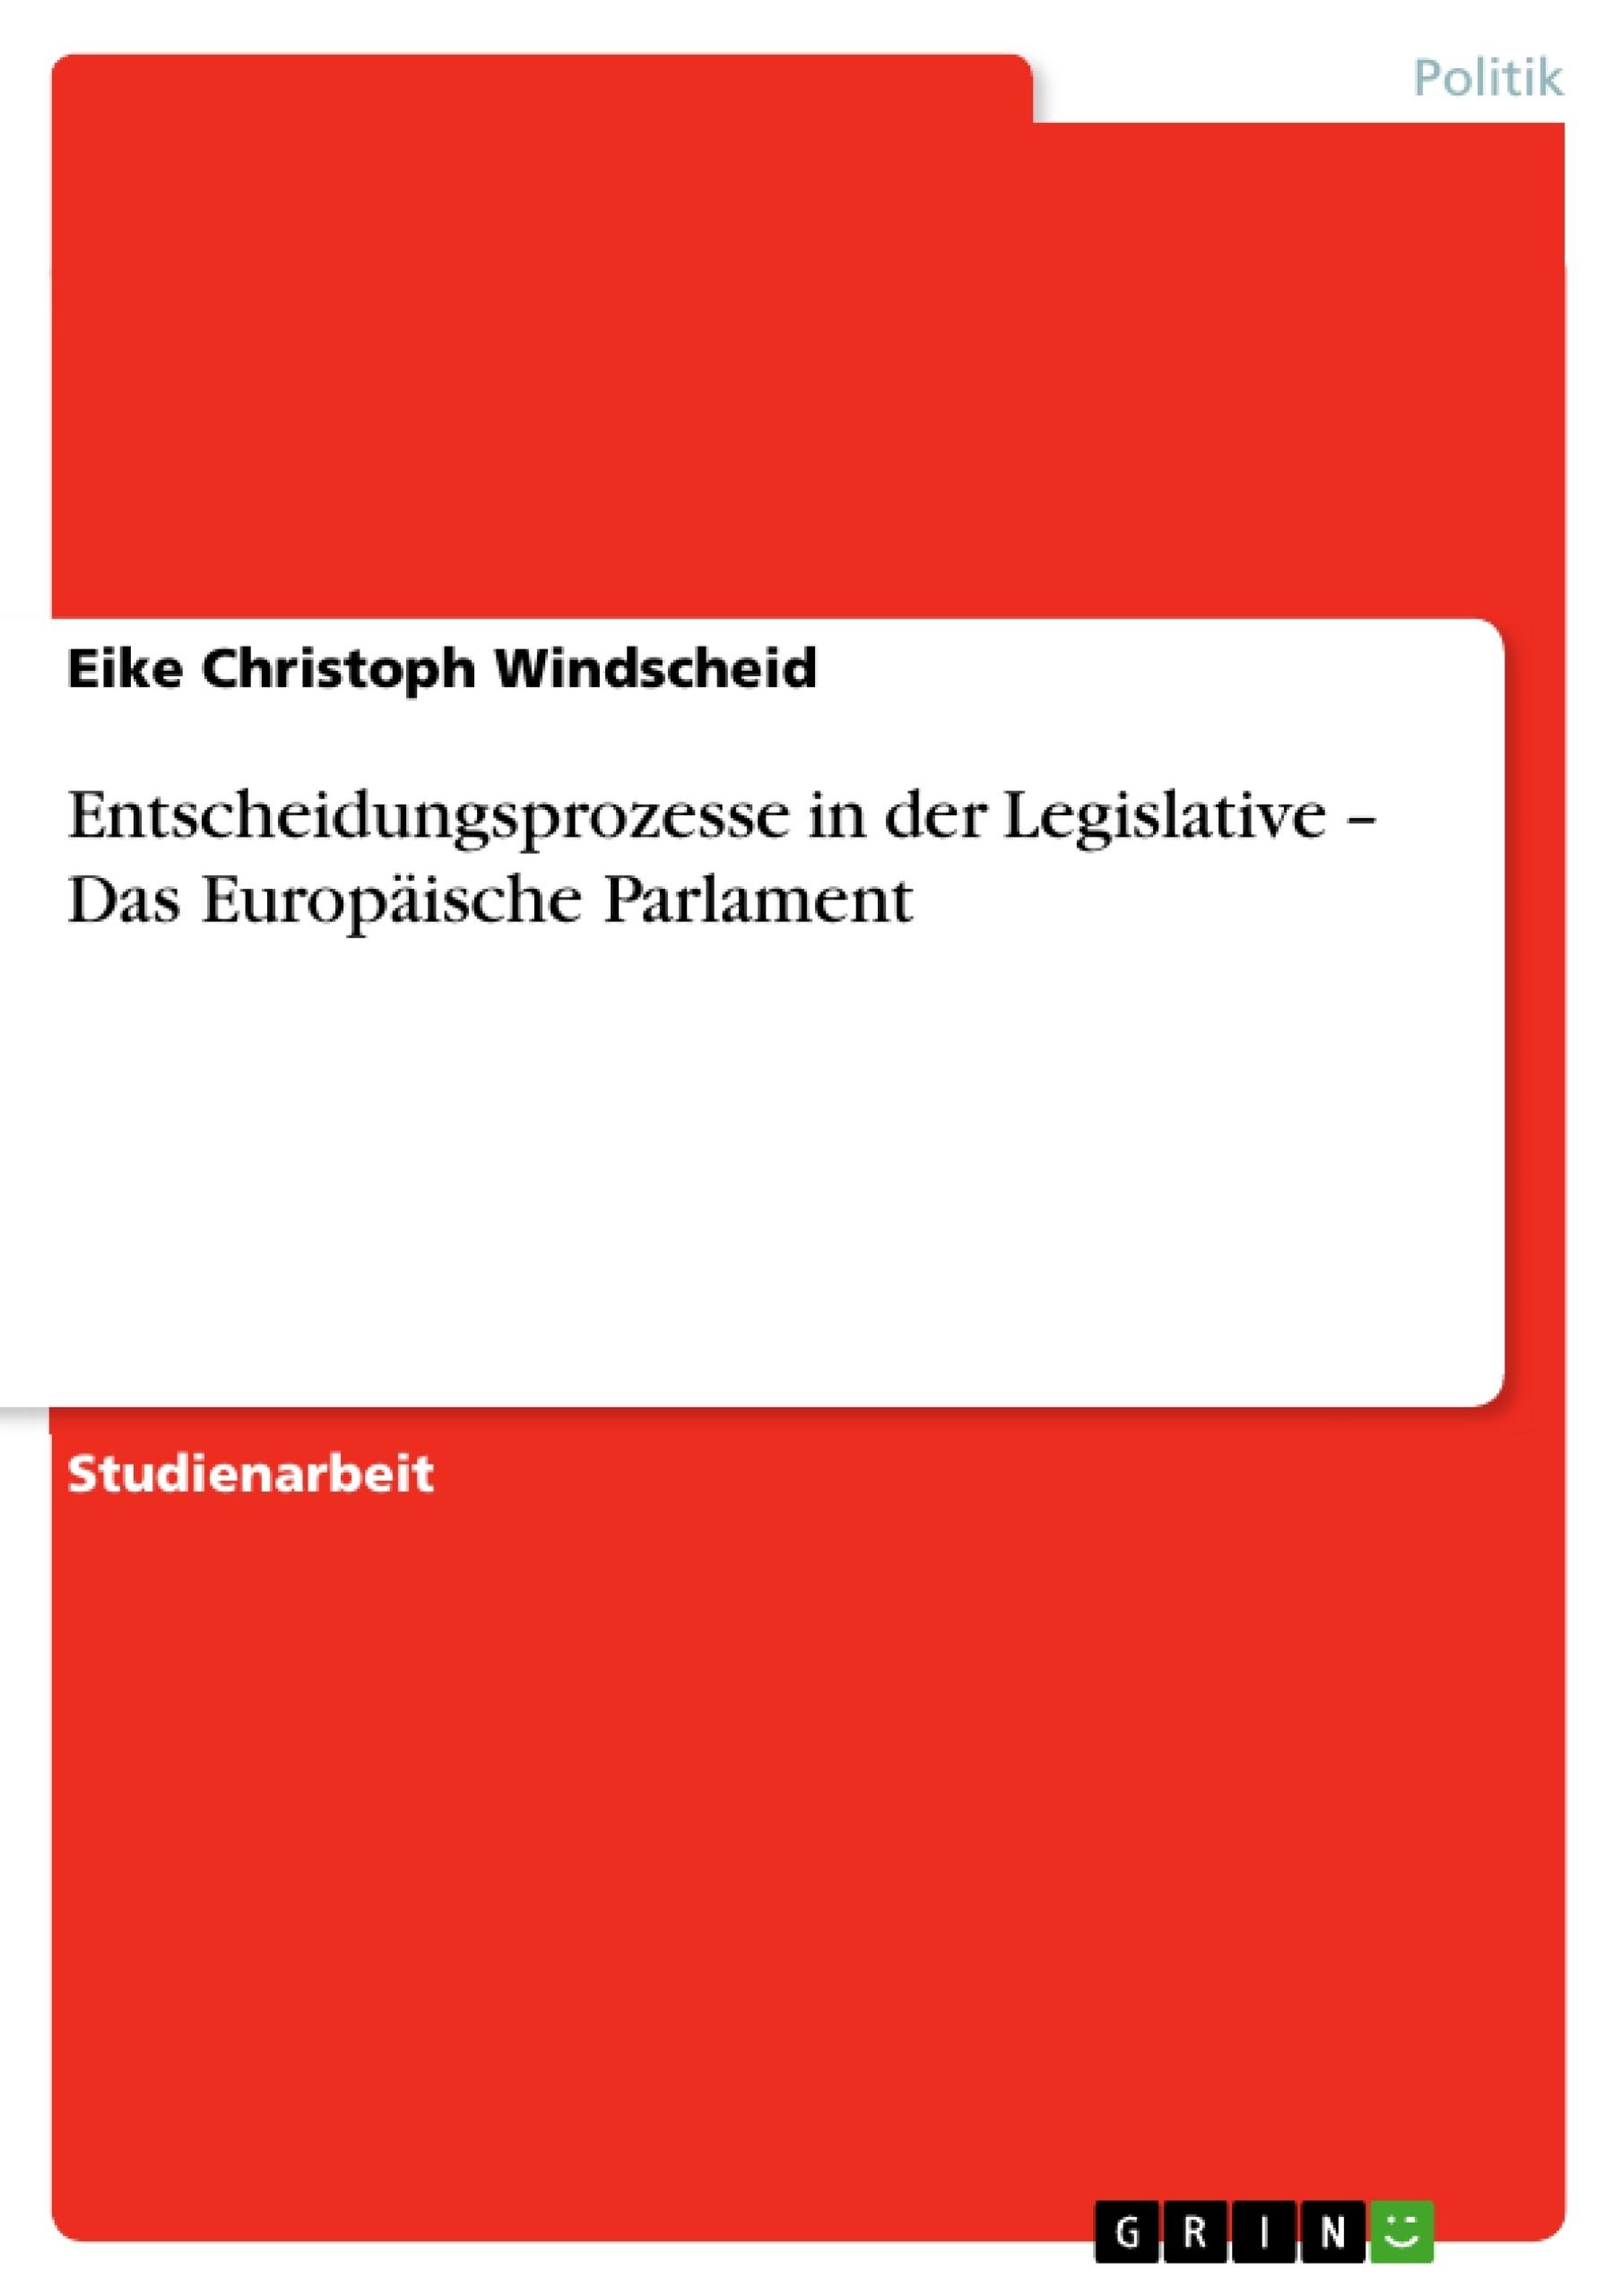 Titel: Entscheidungsprozesse in der Legislative – Das Europäische Parlament